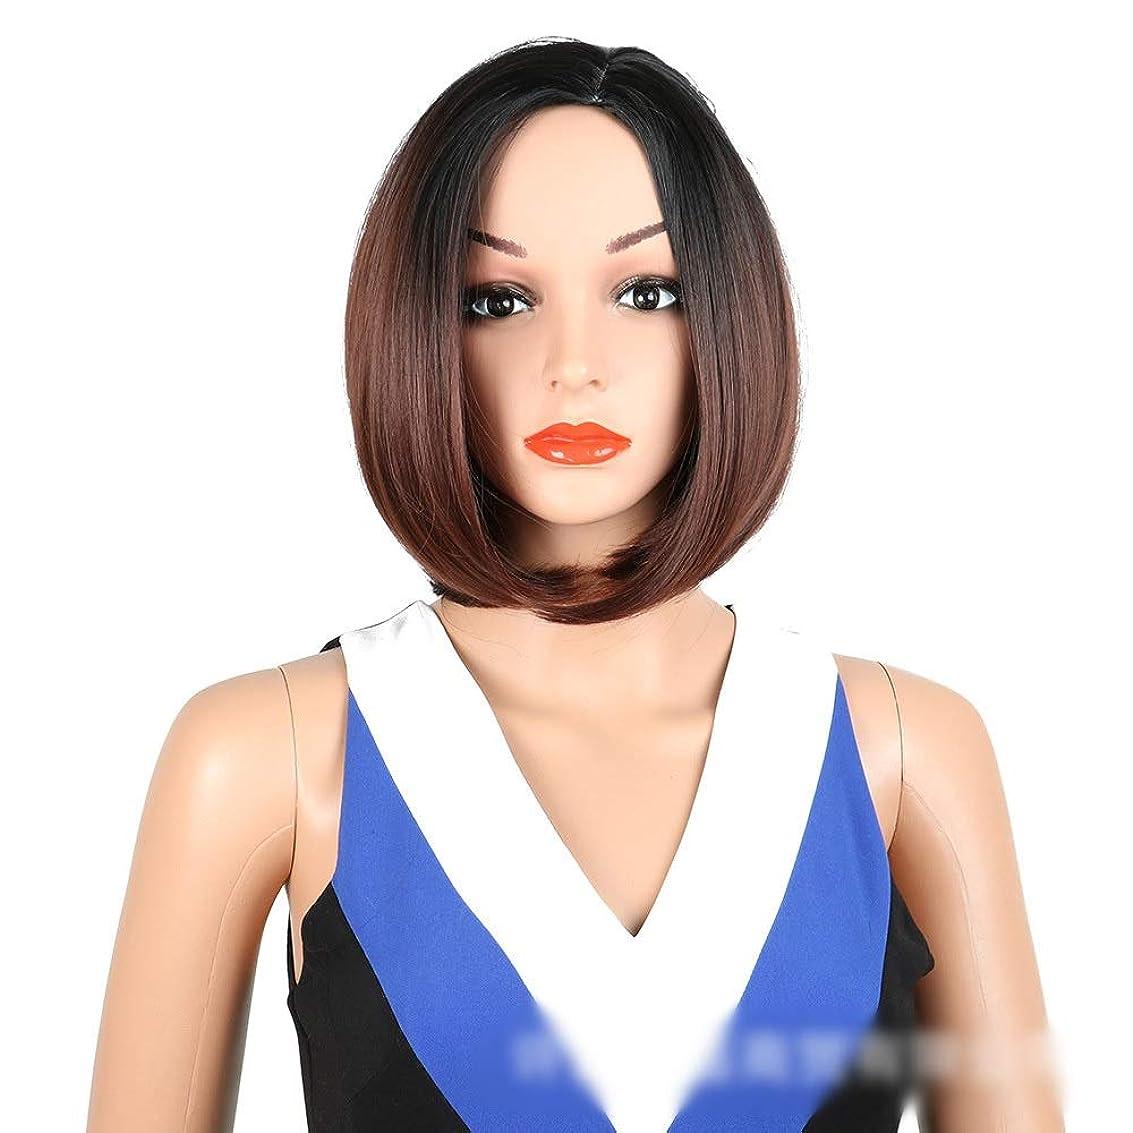 相談する葉餌Isikawan 女性のための髪オンブルブラウンボブウィッグミドルショートストレート合成かつら暗いルーツグラデーションカラー (色 : Dark brown)